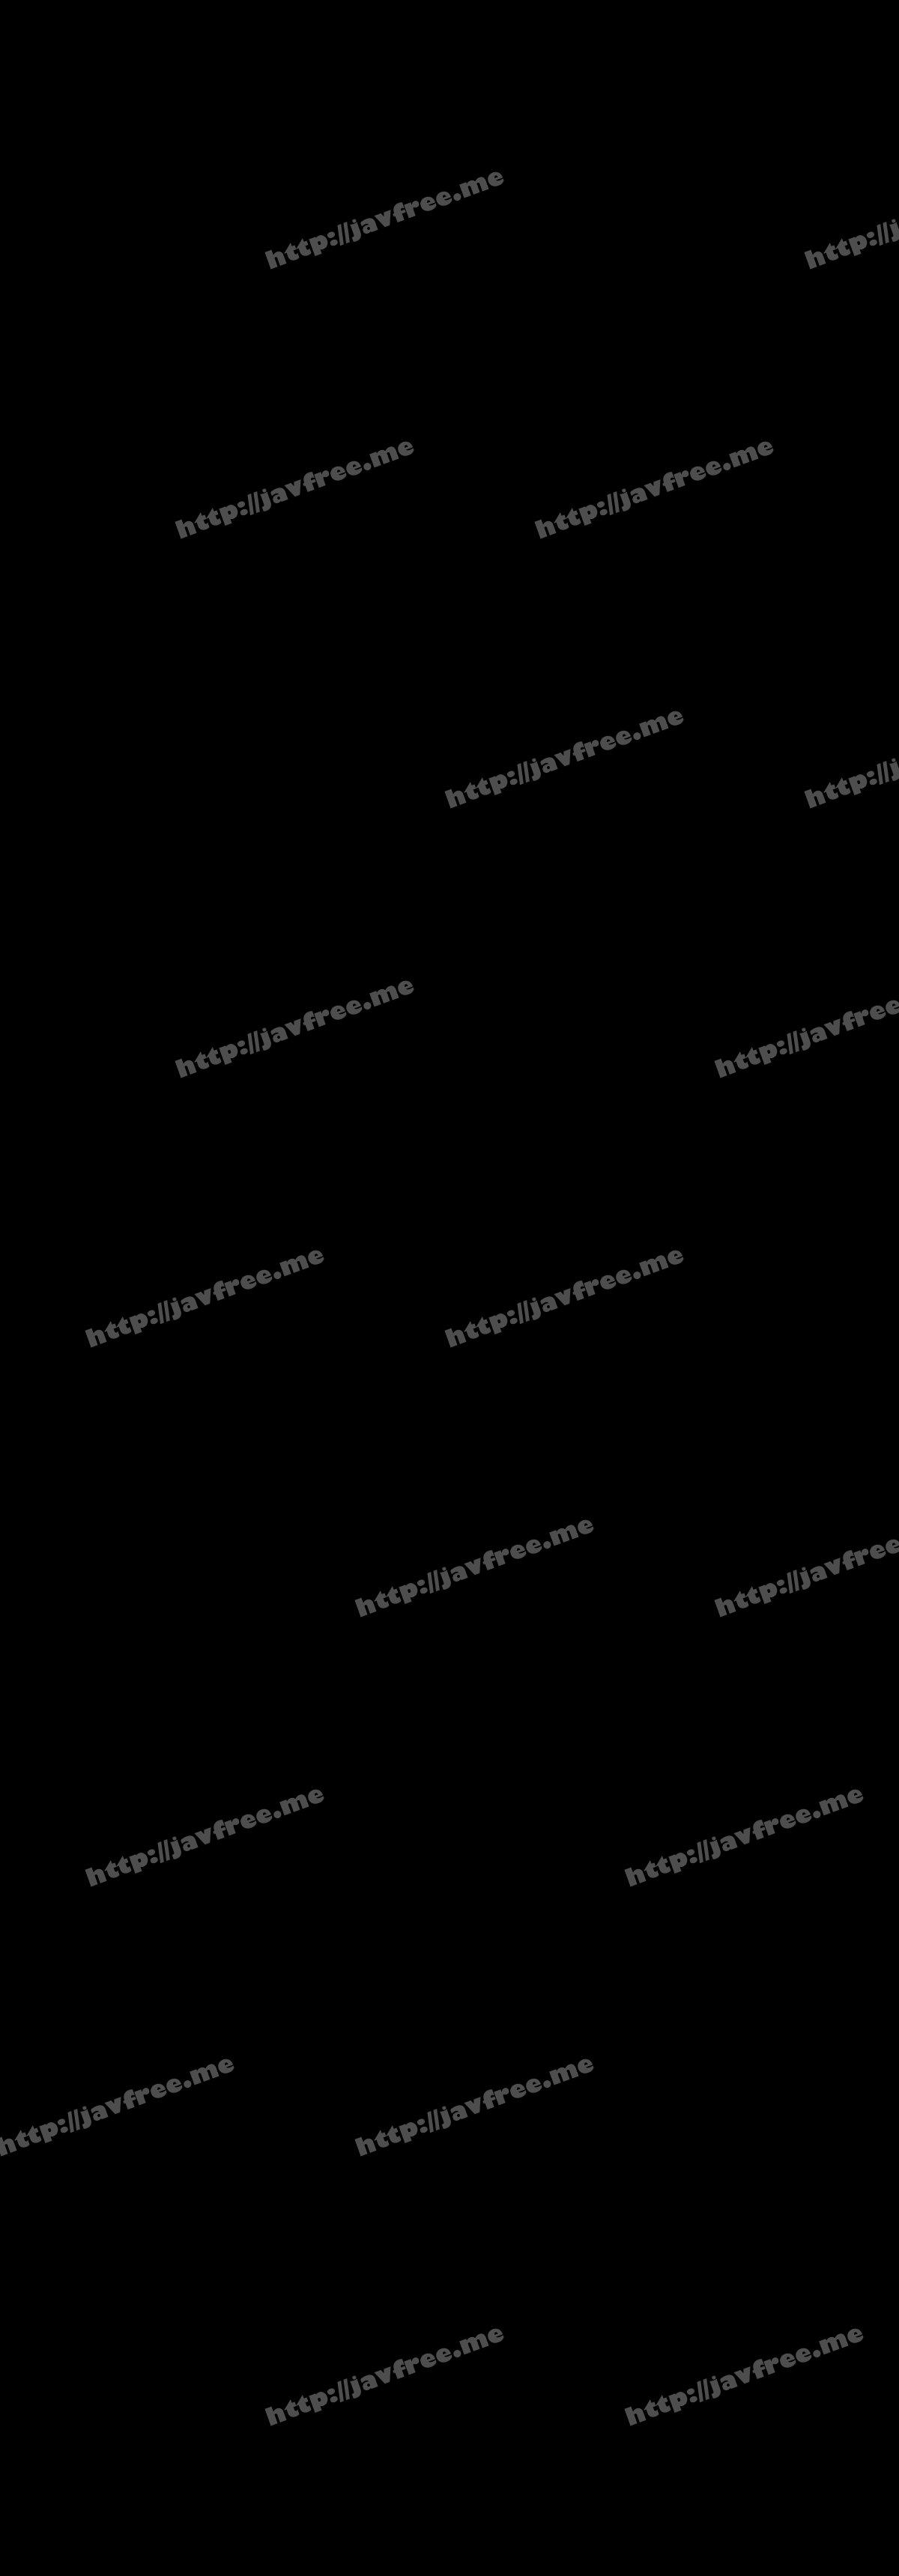 [HD][MGHT-250] 欲求不満すぎる義妹が俺のデカチンを狙っている - image HND-703-1080p on https://javfree.me